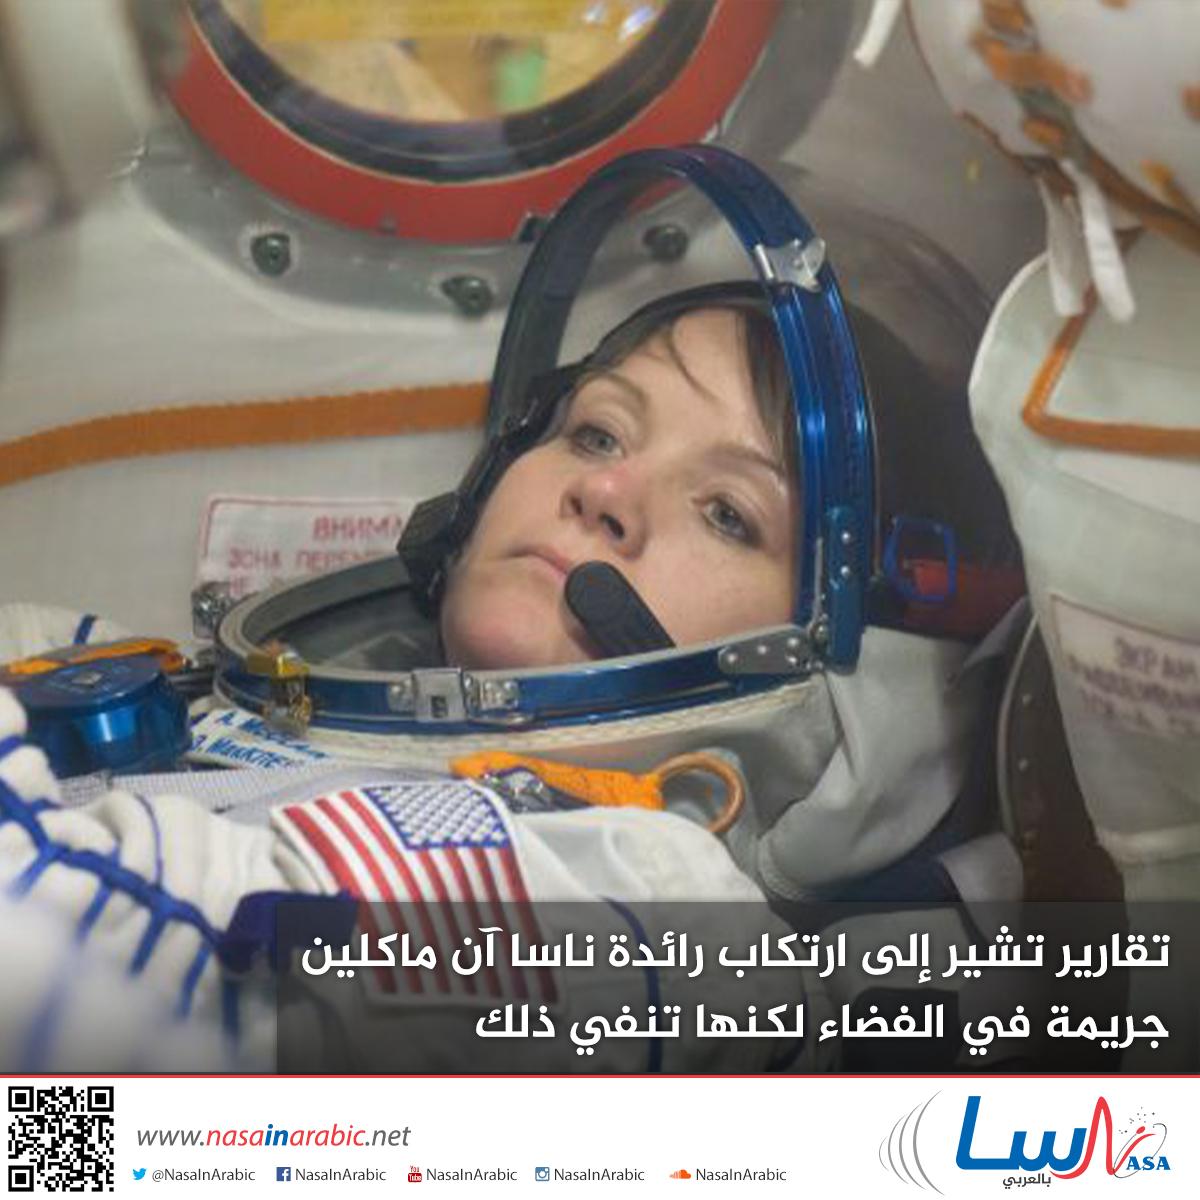 تقارير تشير إلى ارتكاب رائدة ناسا آن ماكلين جريمة في الفضاء لكنها تنفي ذلك